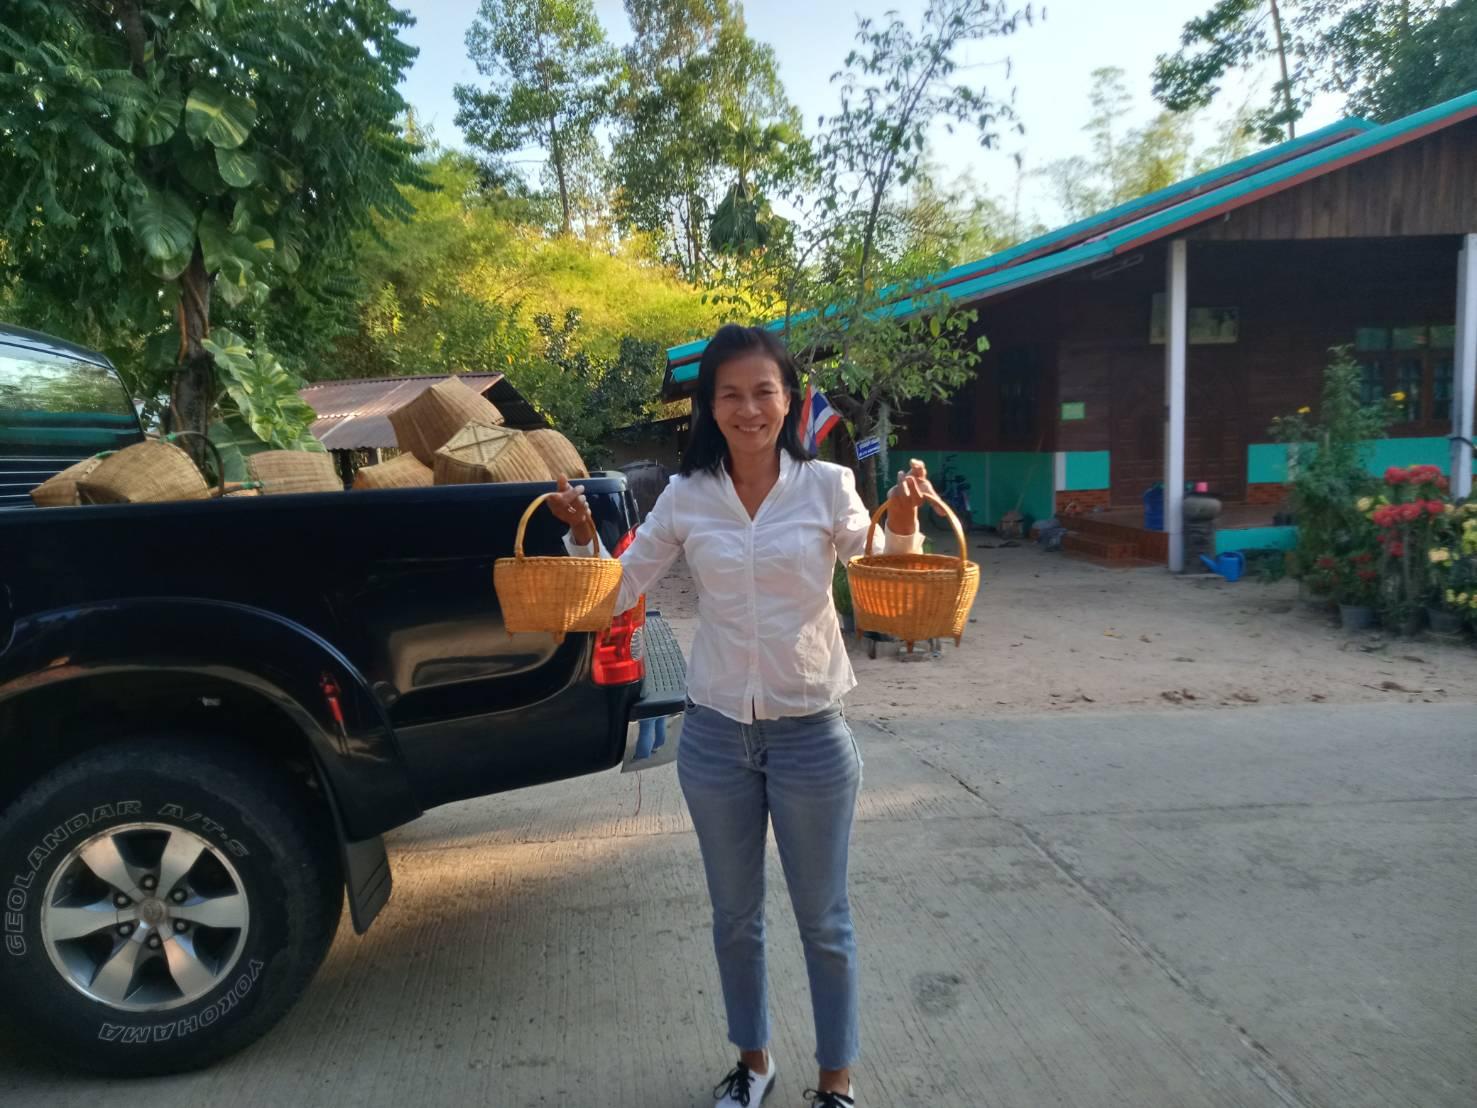 กรมพัฒนาชุมชนกับการส่งเสริมผลิตภัณฑ์พื้นบ้านตะกร้าไม้ไผ่